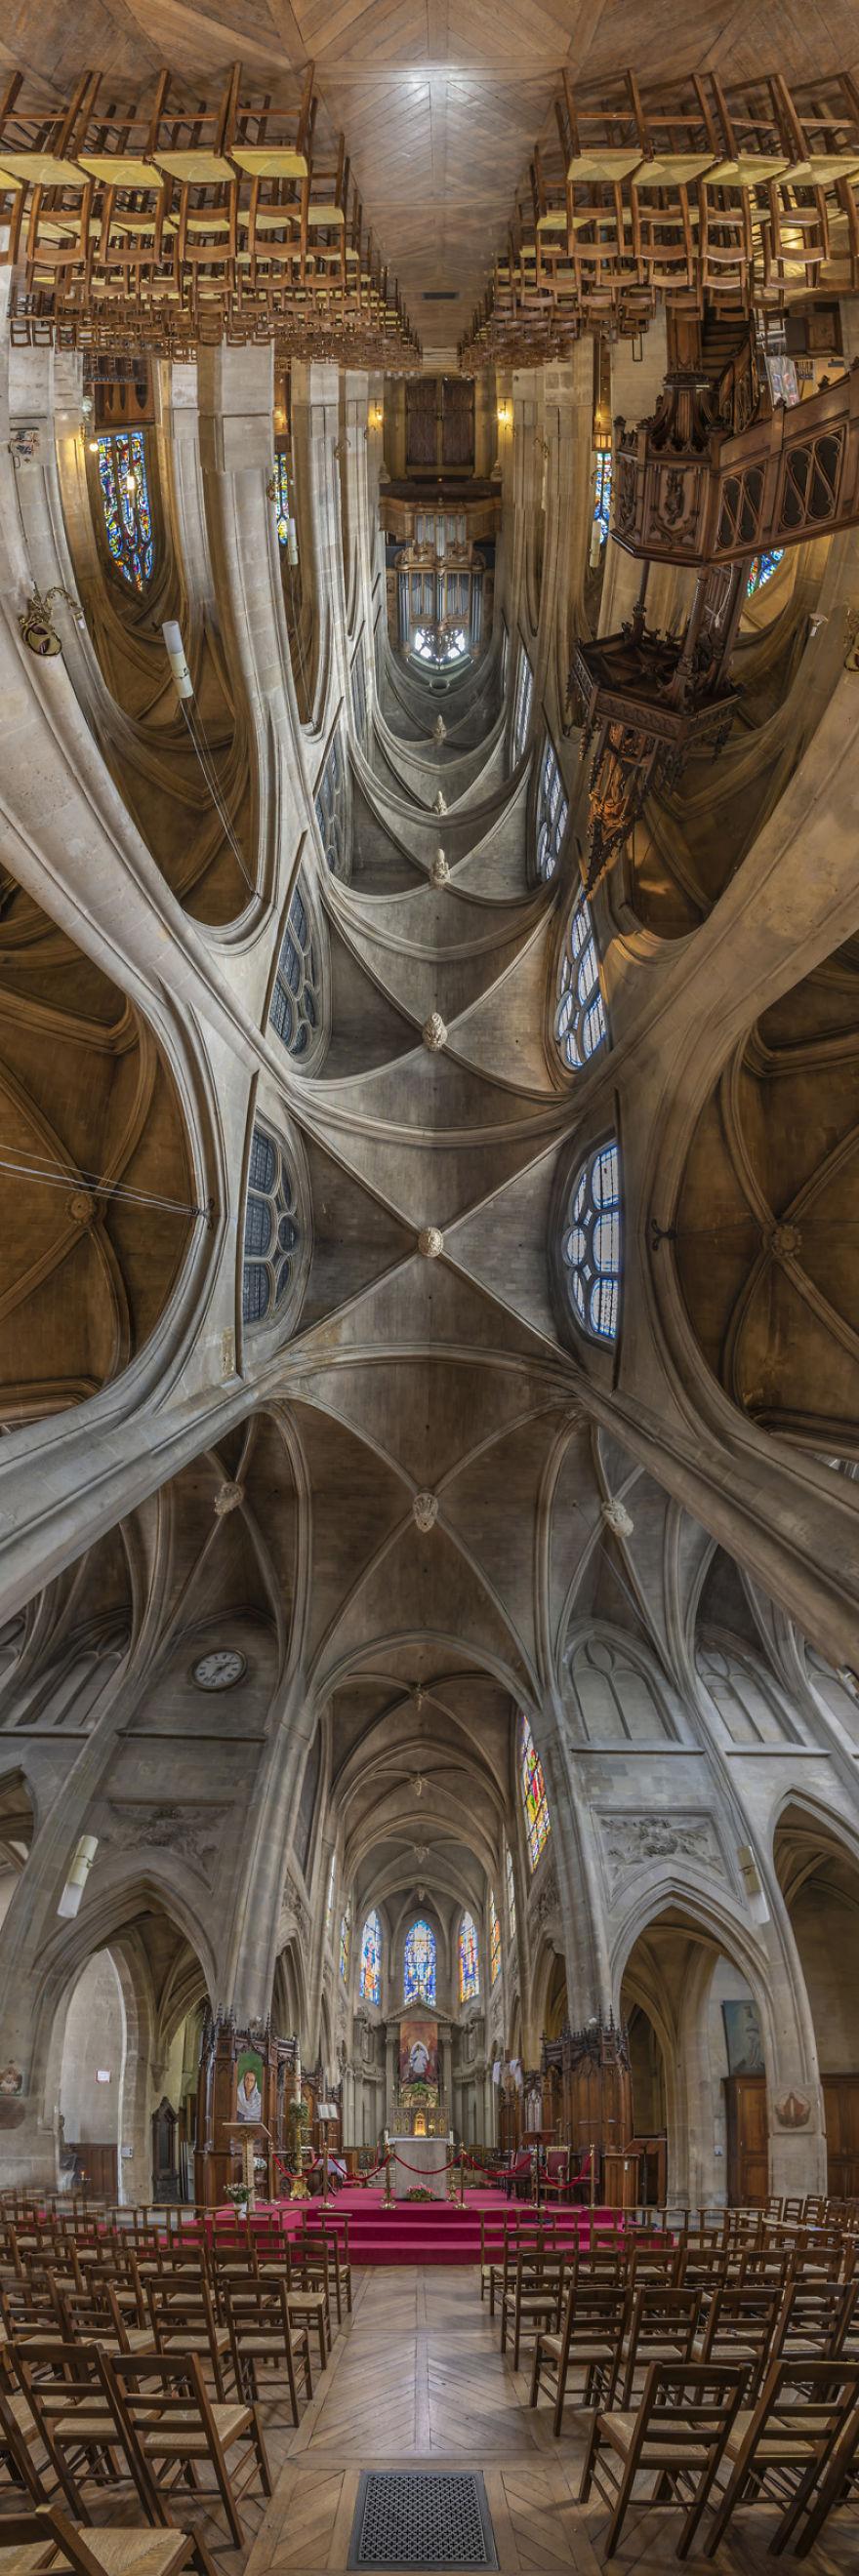 Eglise-Saint-Laurent-Paris-France-5afb383b51036__880